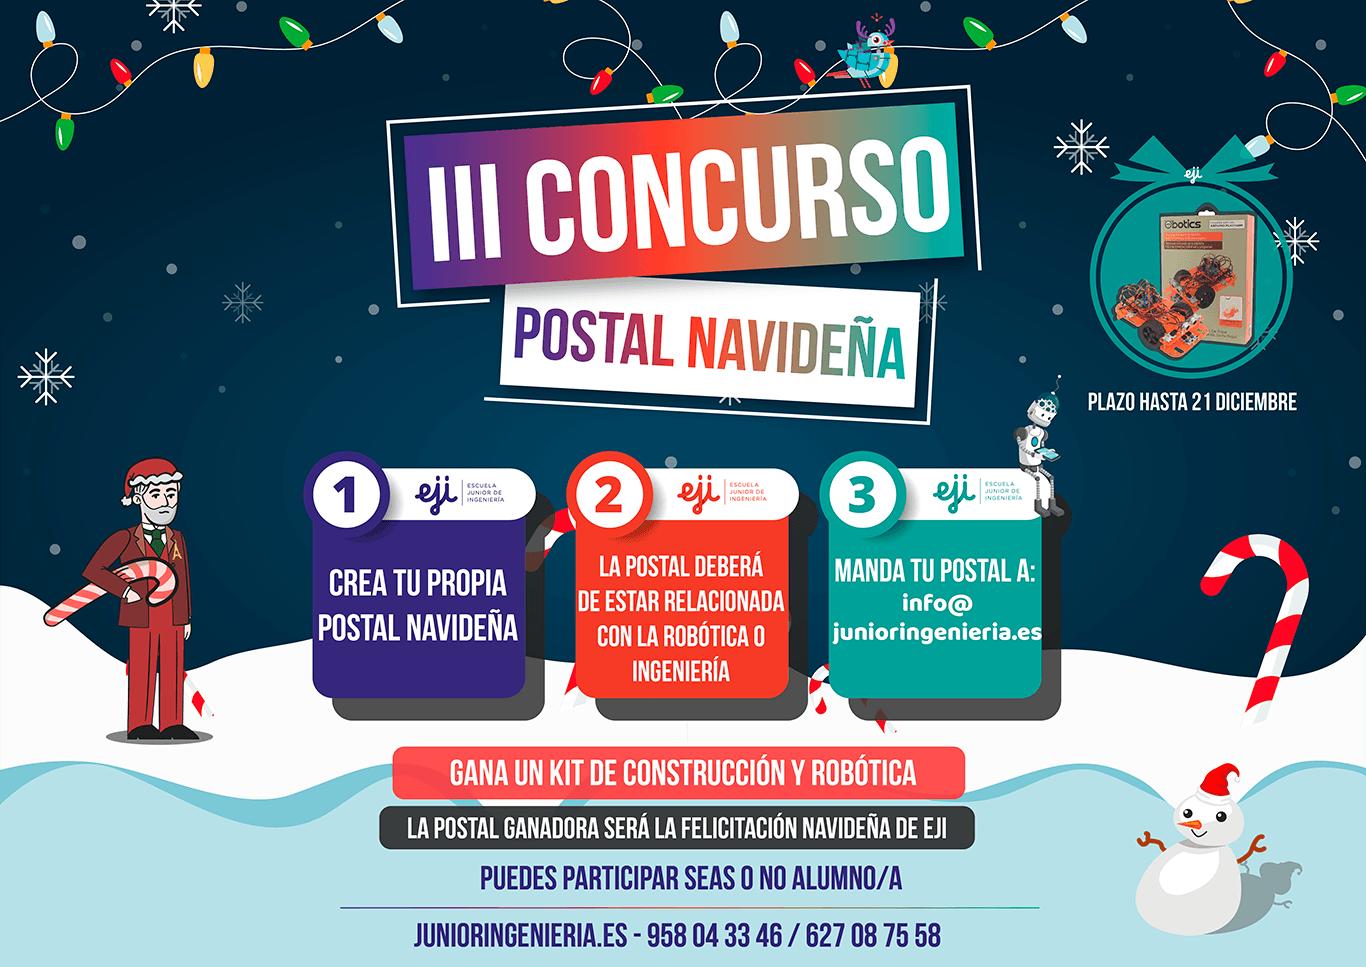 Concurso postal navideña ingeniería